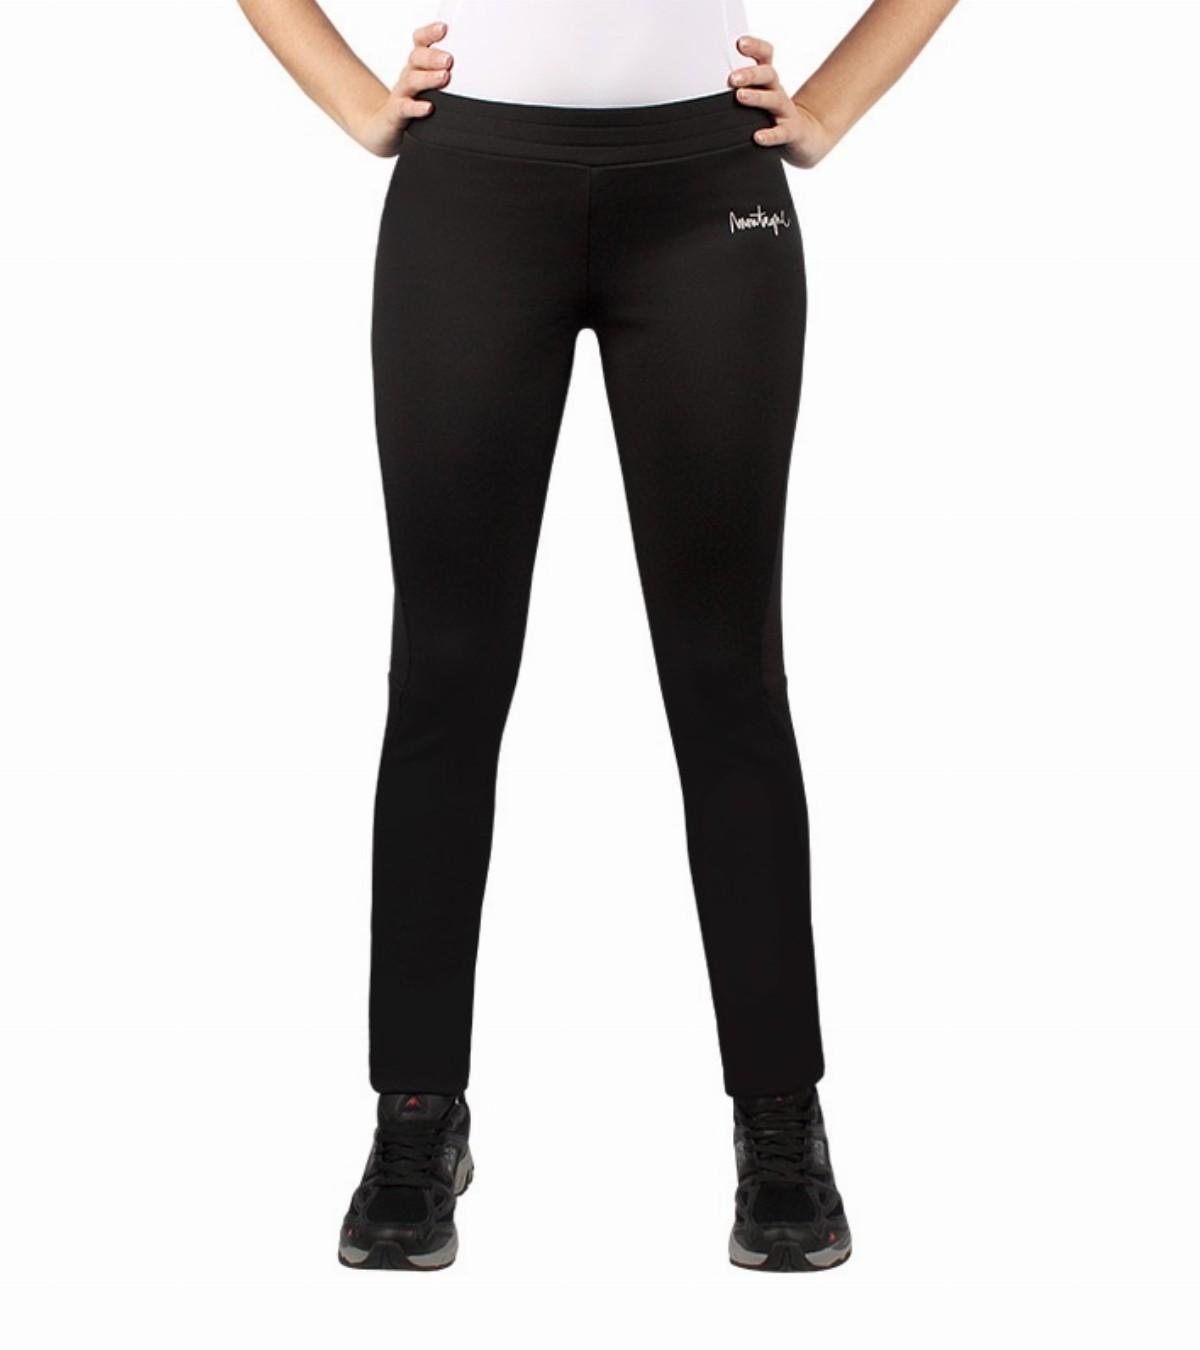 3ca746536 Pantalón elastizado de mujer Imandra